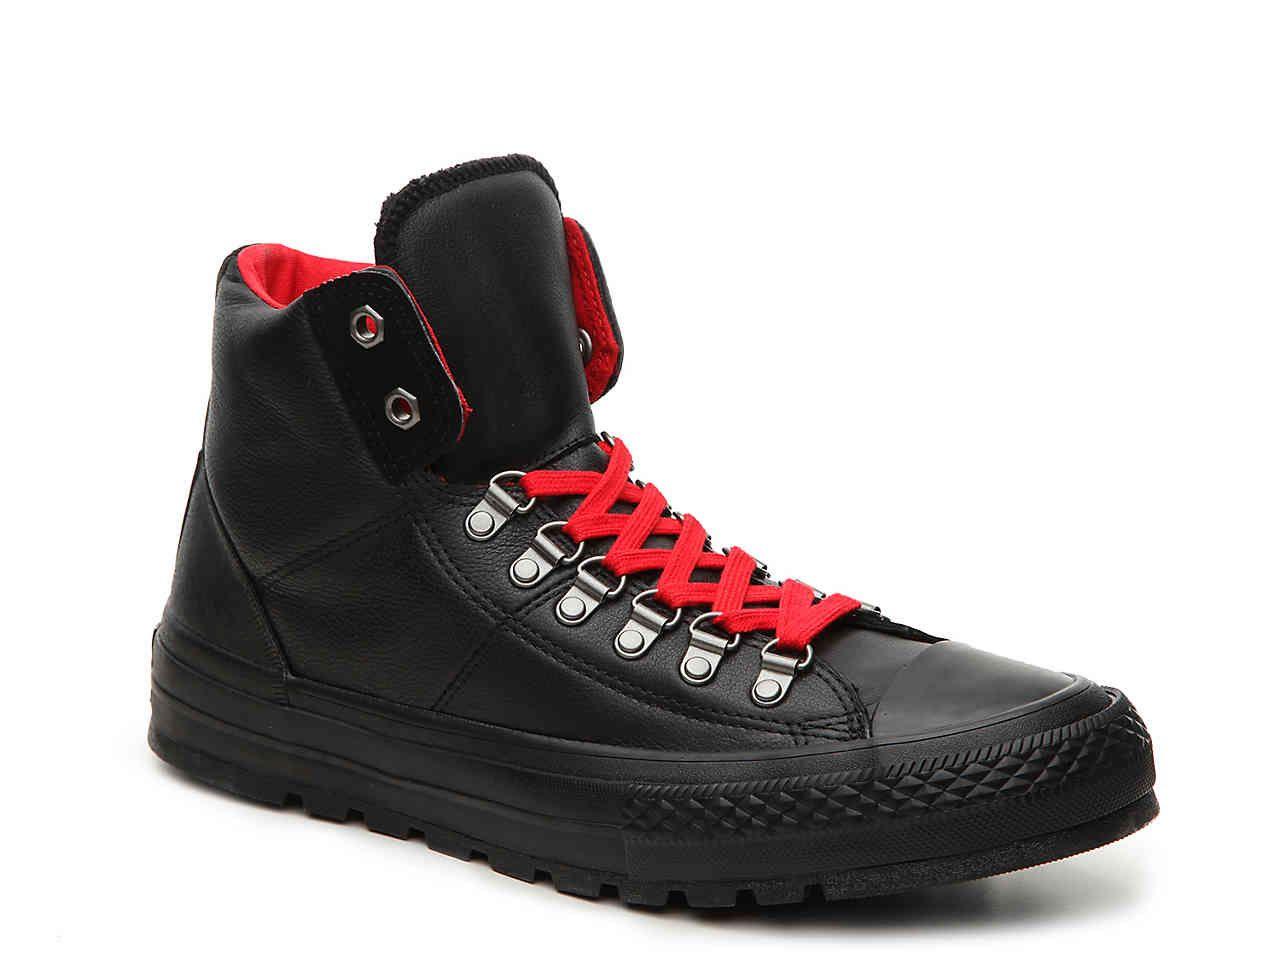 Chuck Taylor All Star Street Hiker High Top Sneaker Boot